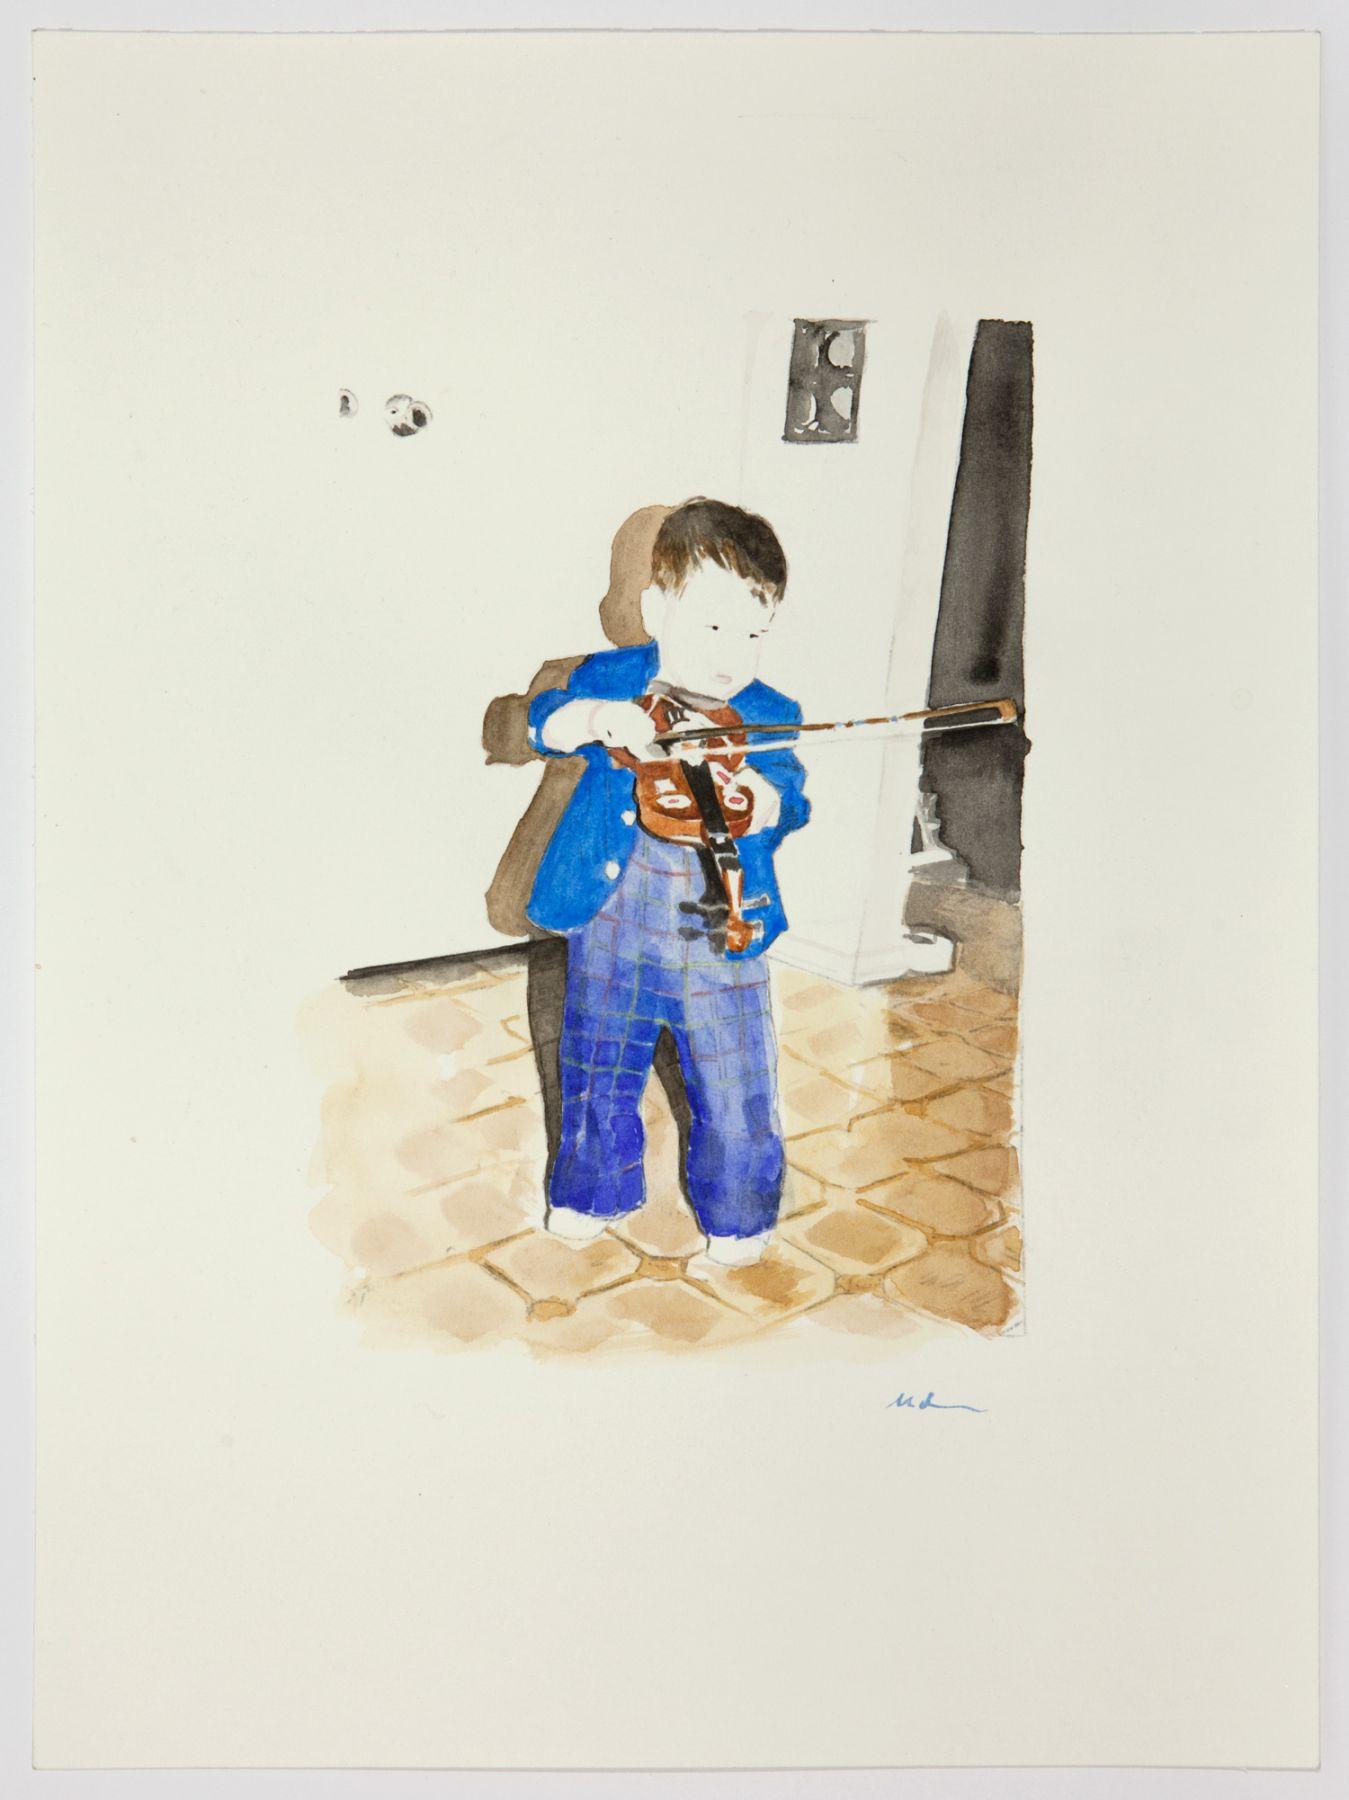 Plaid Onesie, 2014, Watercolor on paper